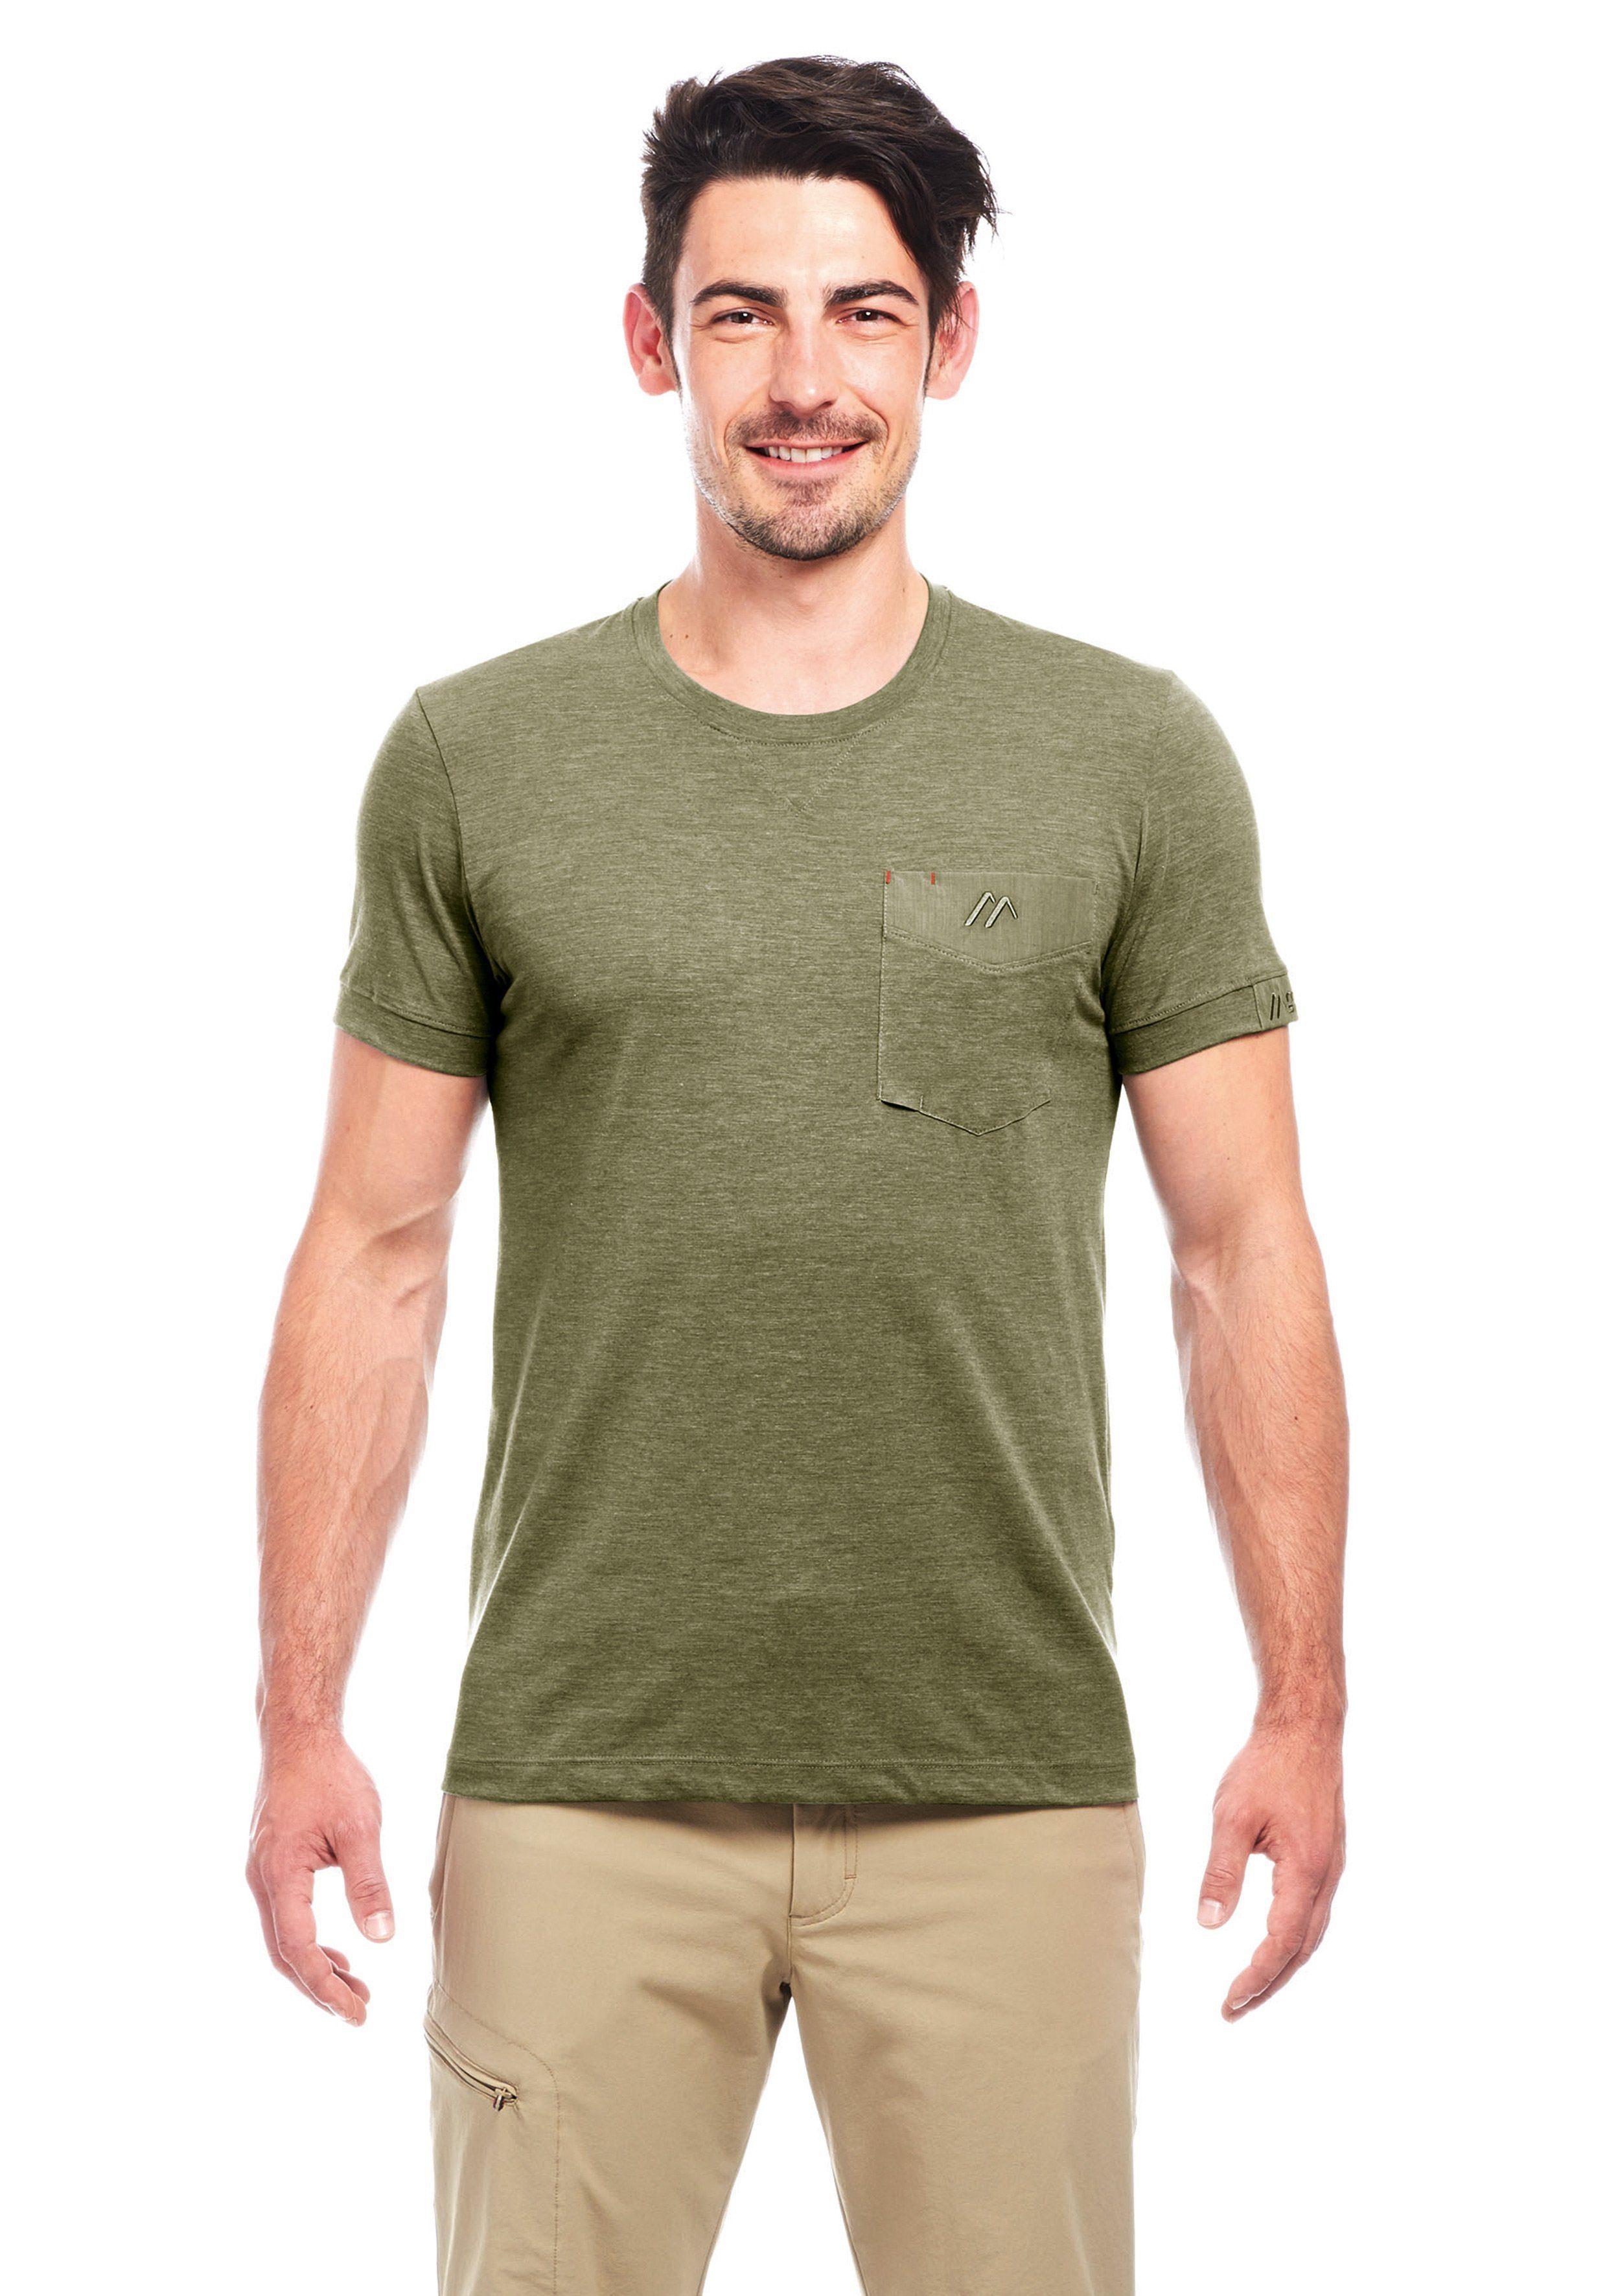 Herren Maier Sports Funktionsshirt »Doolin T-Shirt« grün | 04056286888715